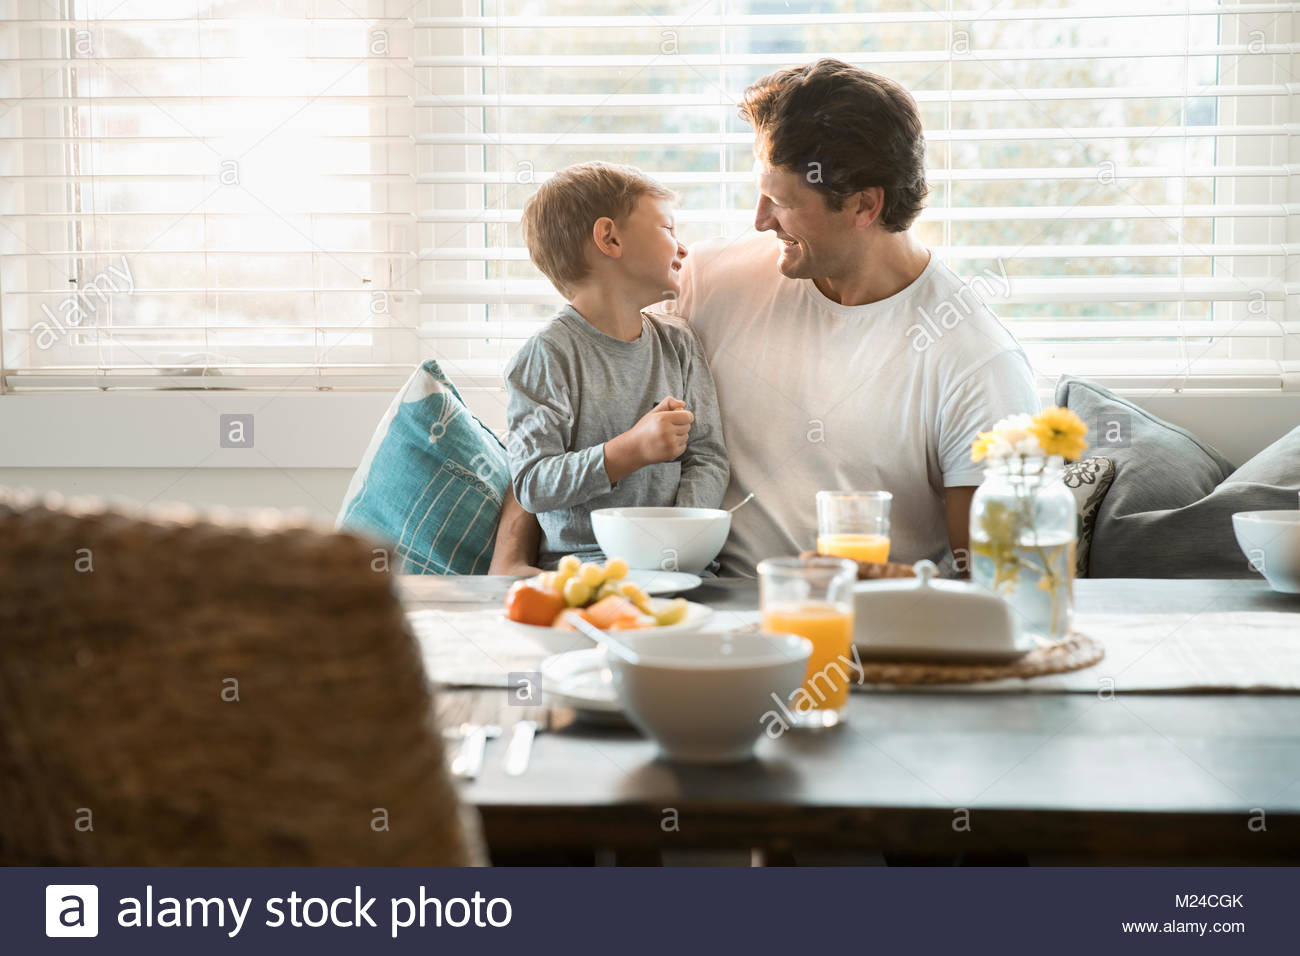 Felice padre e figlio di consumare la colazione in tinello Immagini Stock